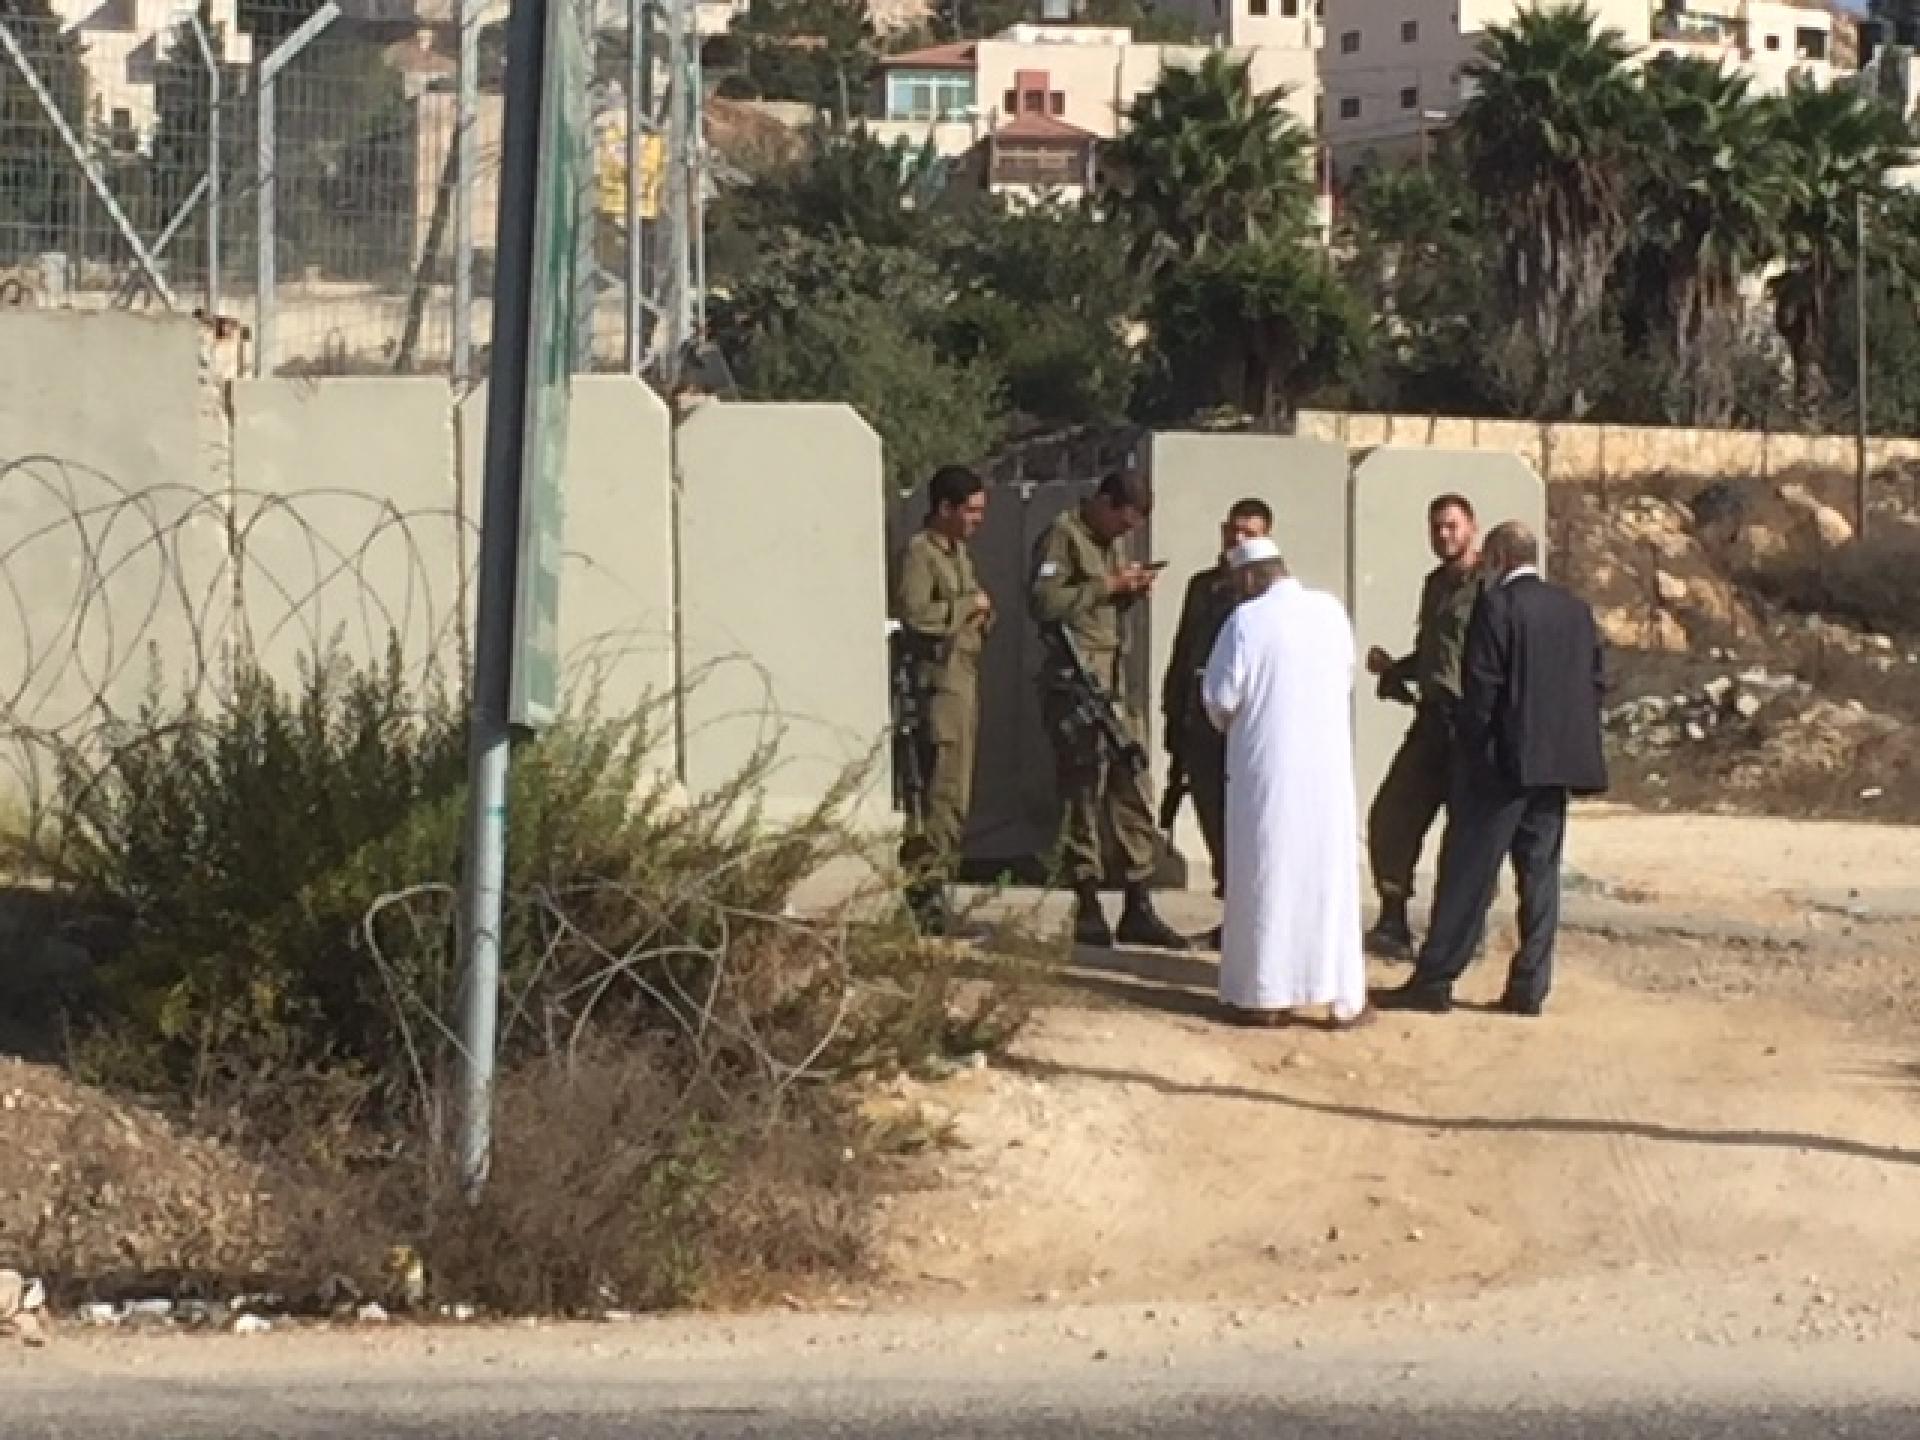 פלסטינים נשואי פנים באו לפילבוקס שבצומת לחפש את תעודת הזהות של הבן